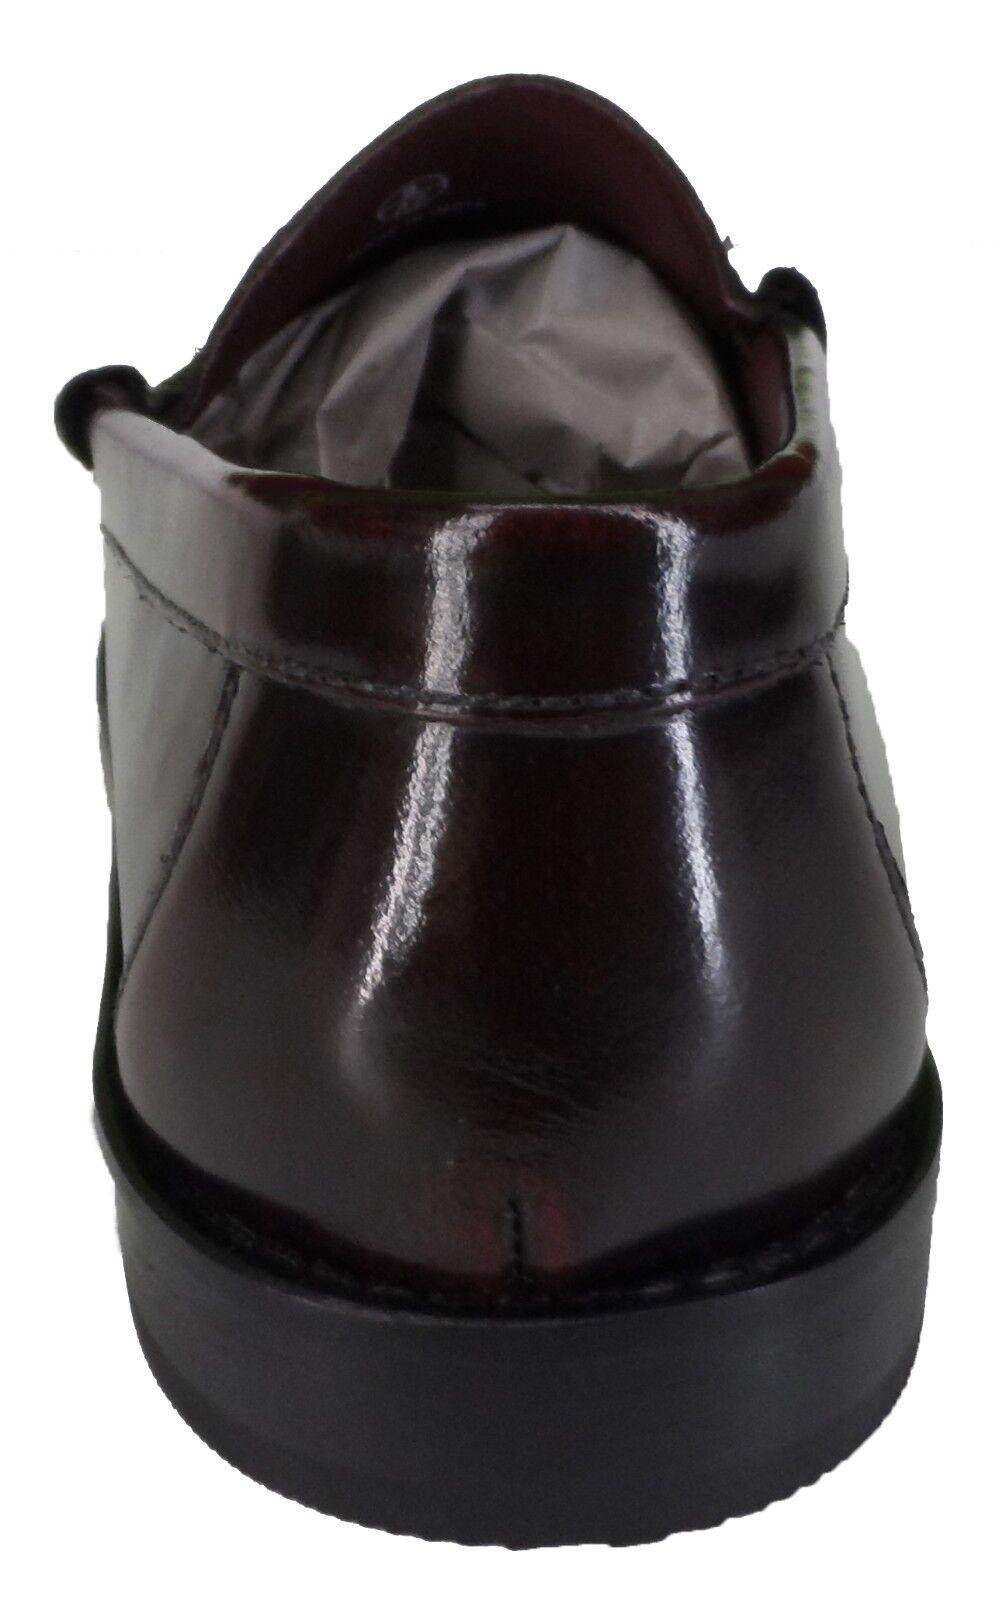 Ikon Original Vollleder Slipper Retro-Modern Ochsenblut Färben über Troddel Slipper Vollleder f53bc7